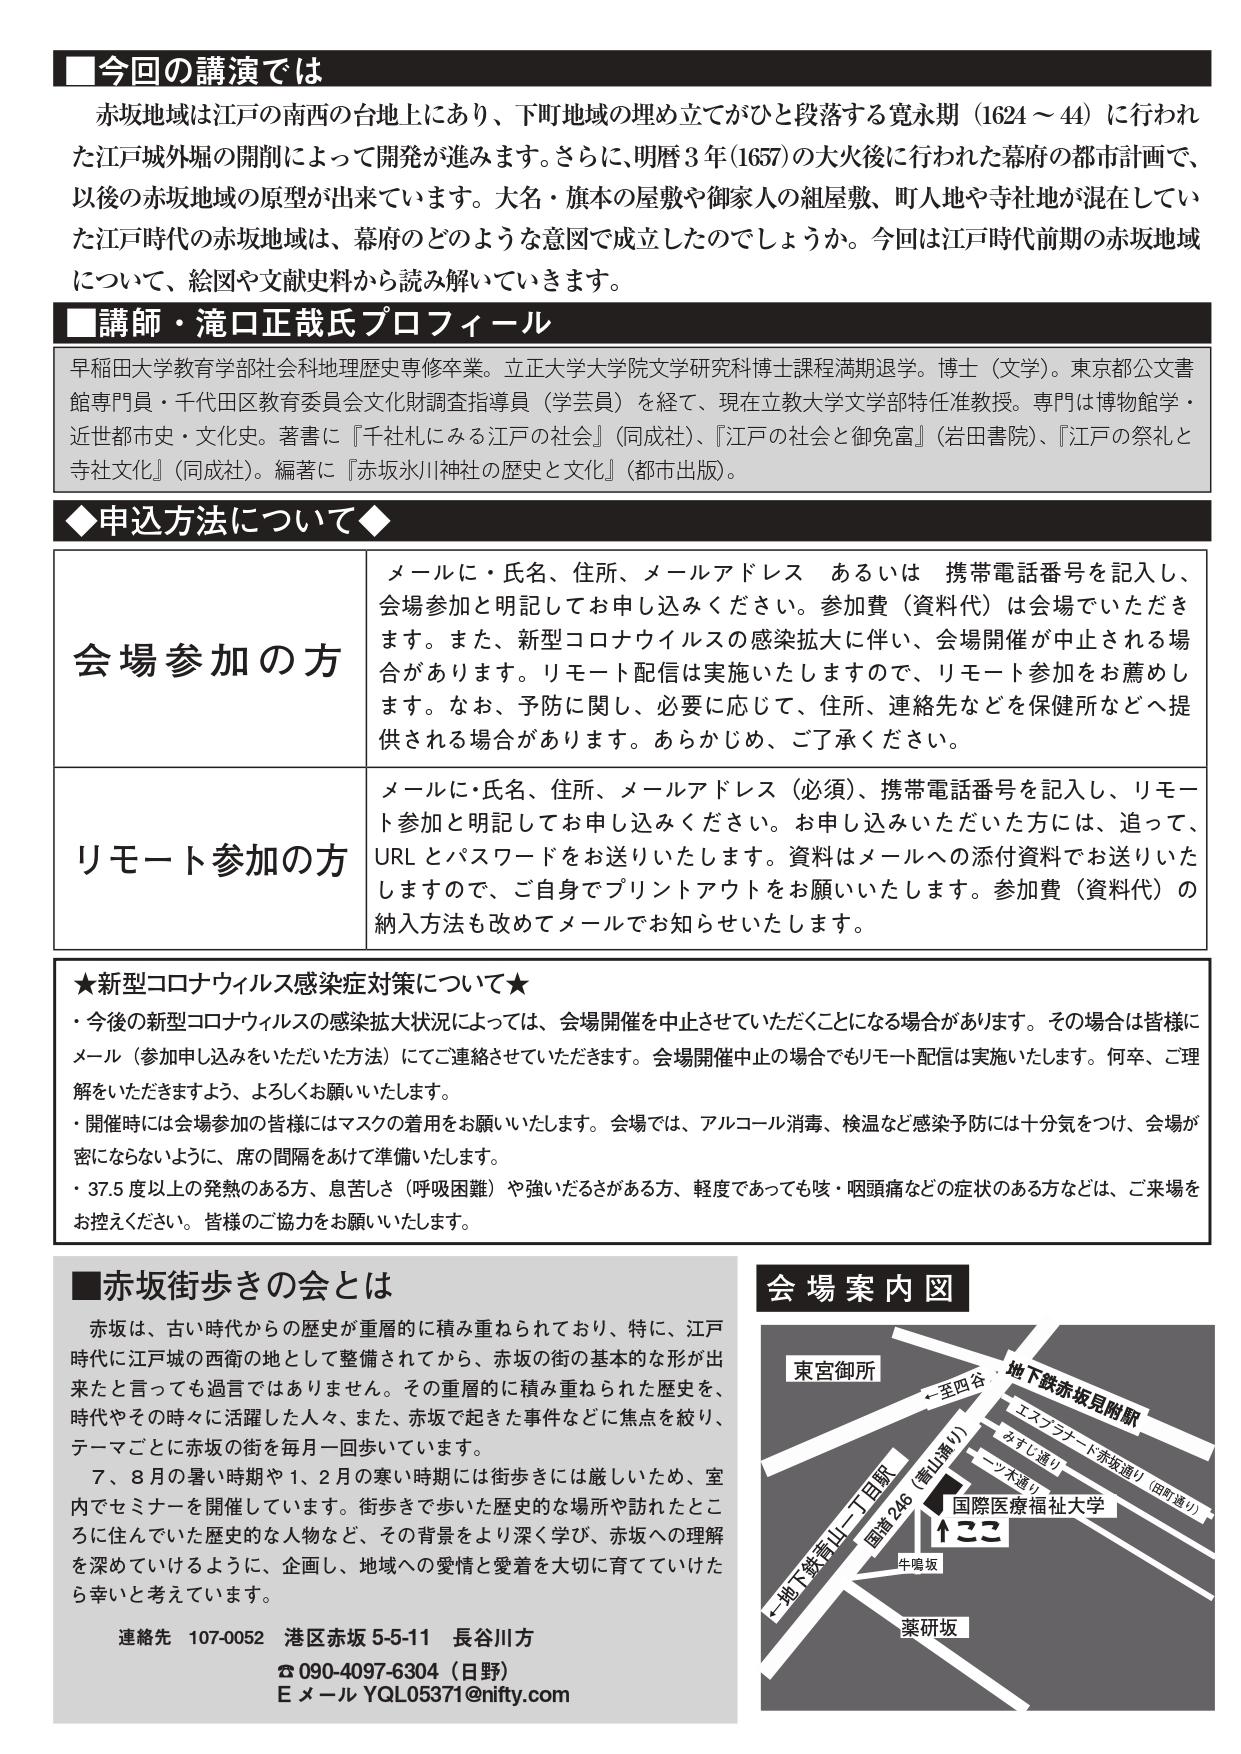 【令和3年度港区文化芸術活動サポート事業】東京室内管弦楽団「Chamber Music Style Op.14」が開催されます